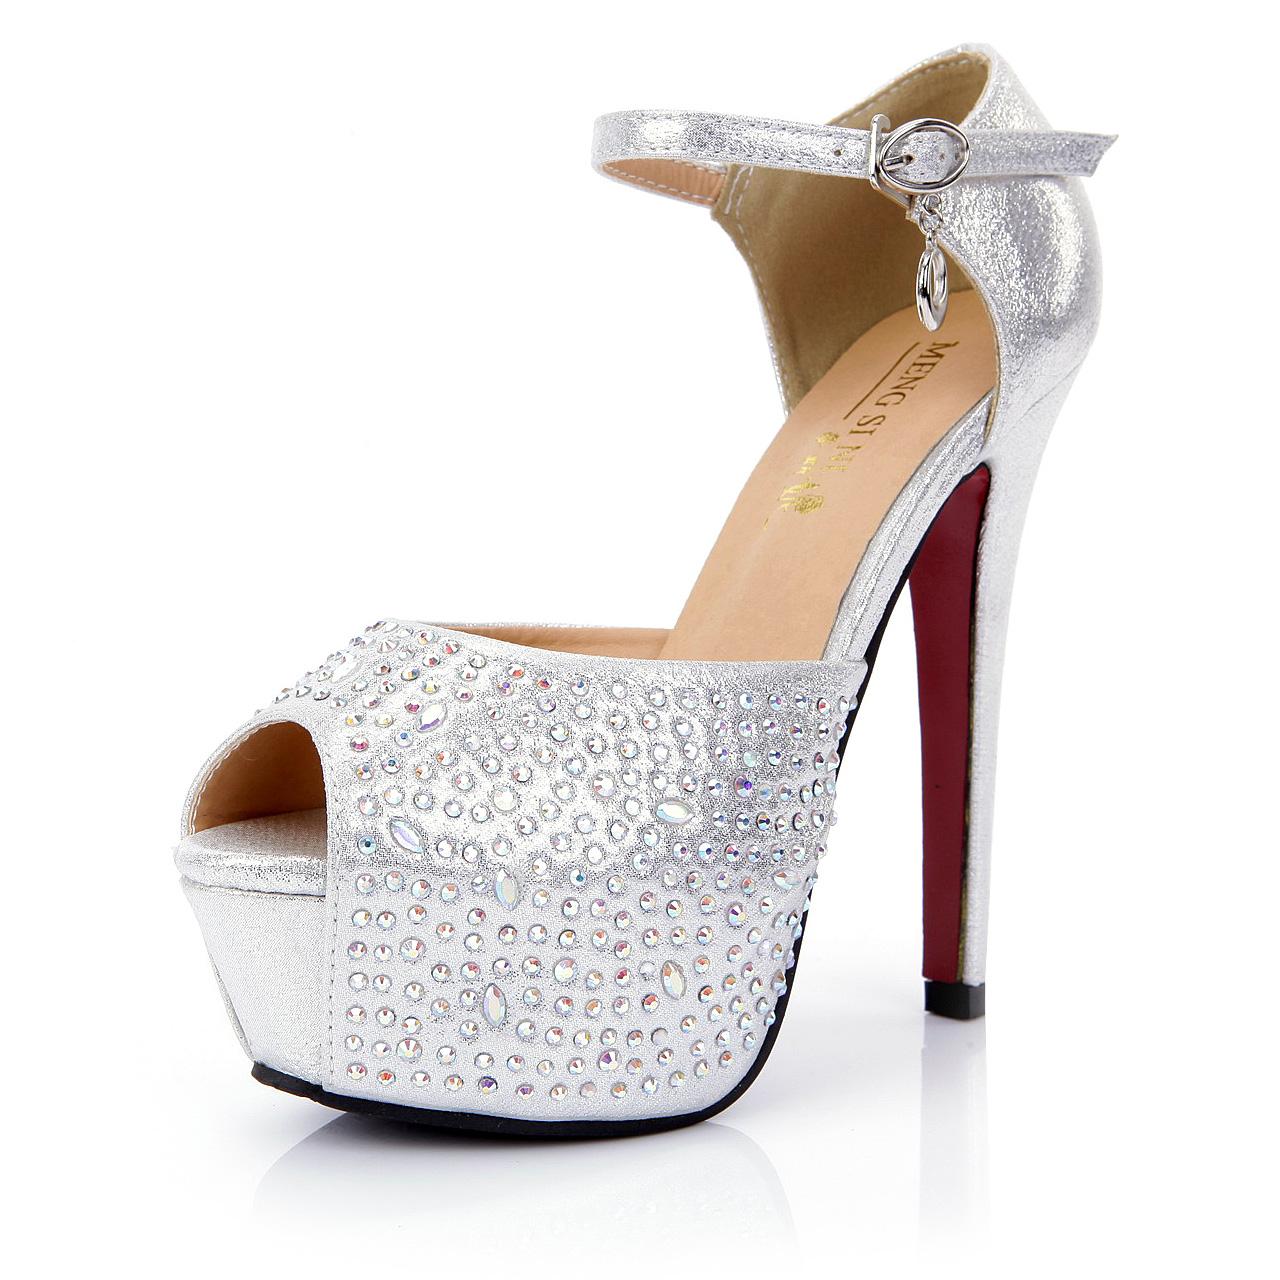 2013年新款女鞋搭扣水钻流苏防水台超高跟鱼嘴婚鞋女 513-2#